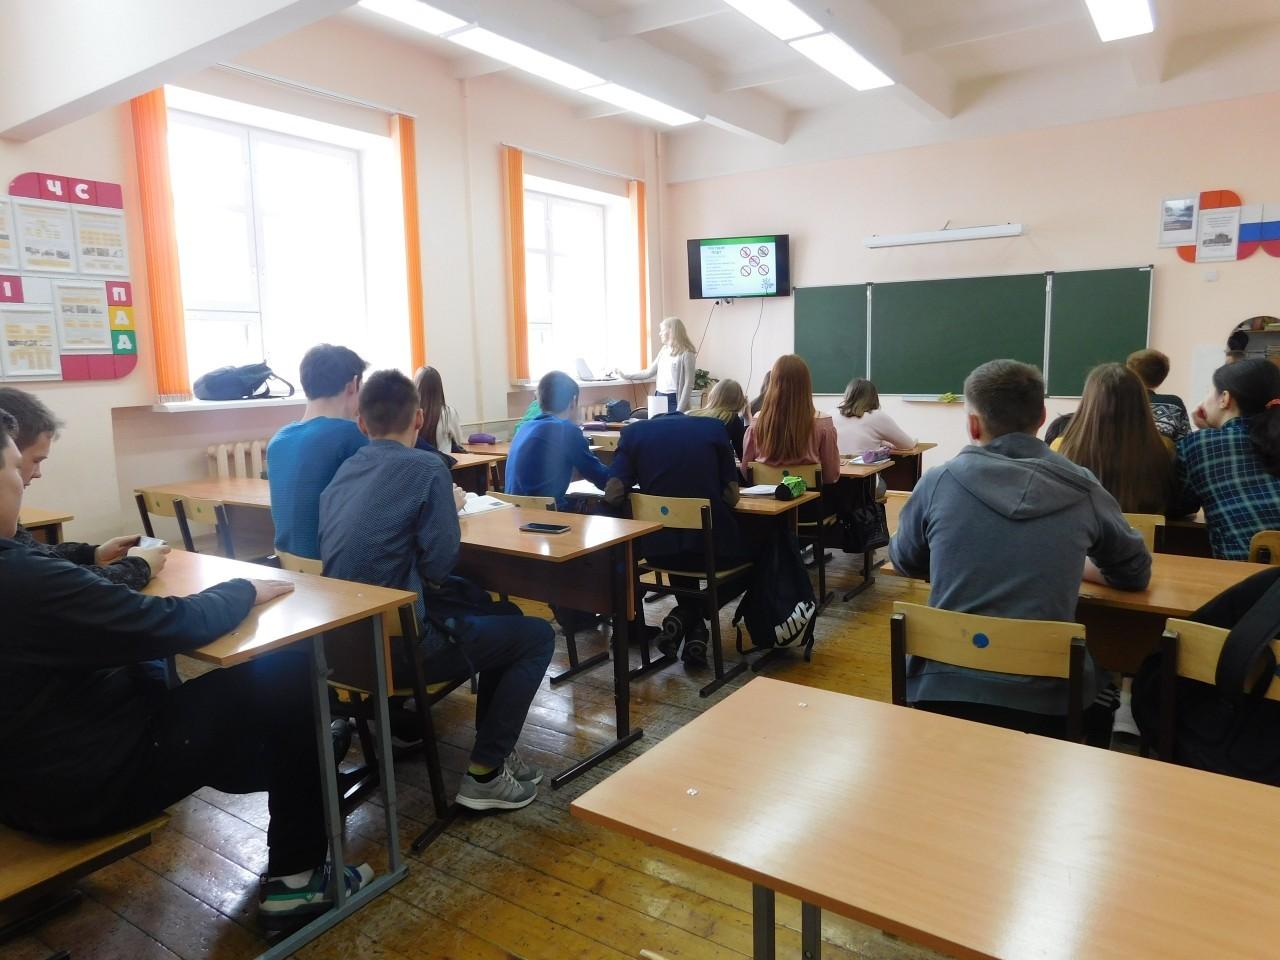 #ЛекцияПАВ@volonter_kizner  Лекция ПАВ  Сегодня, 3 марта, была проведена лекция